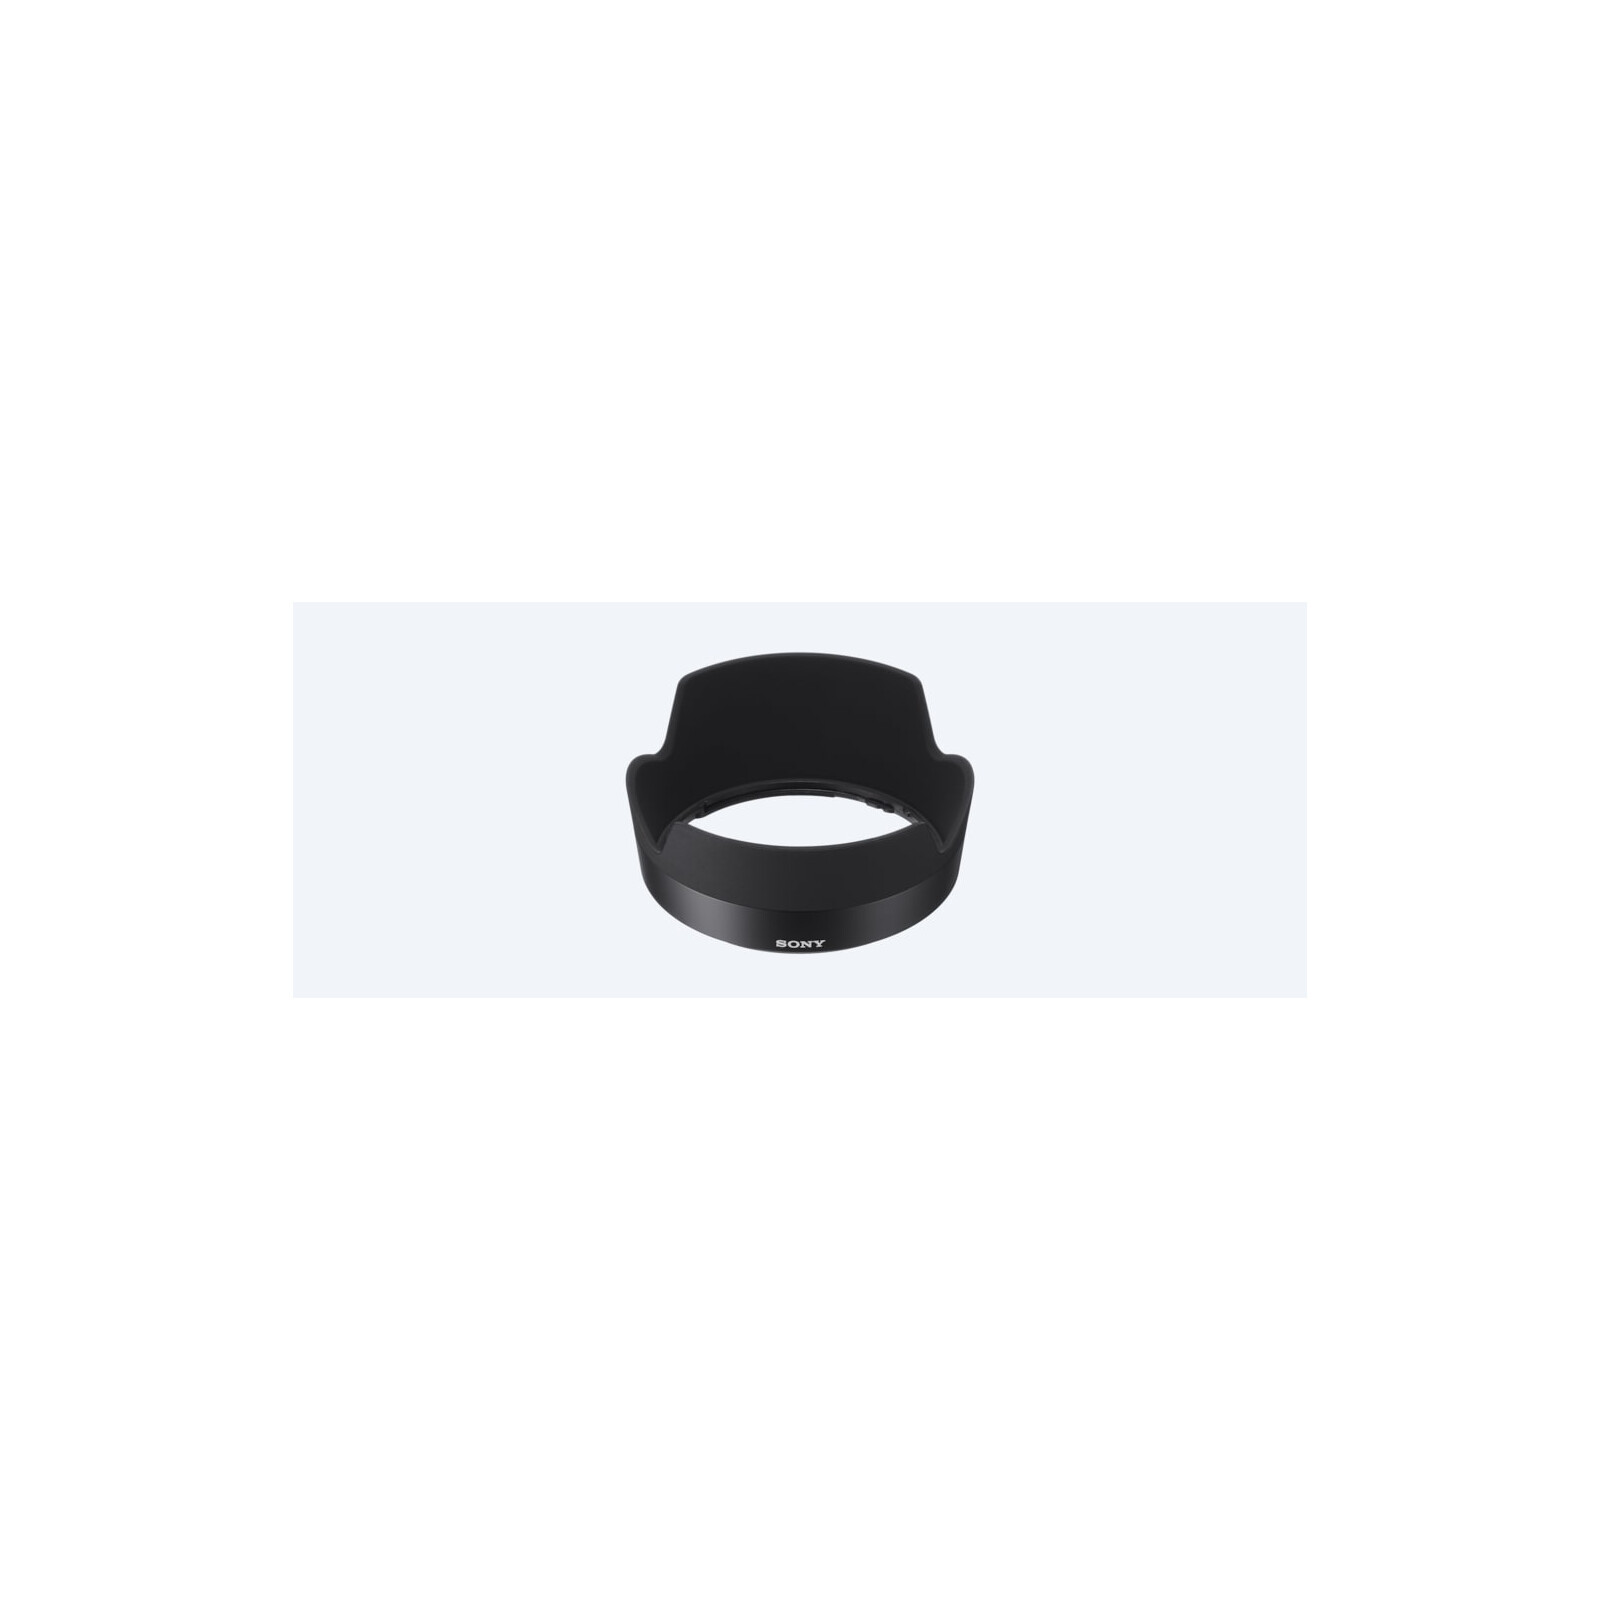 Sony ALC-SH137 Gegenlichtblende